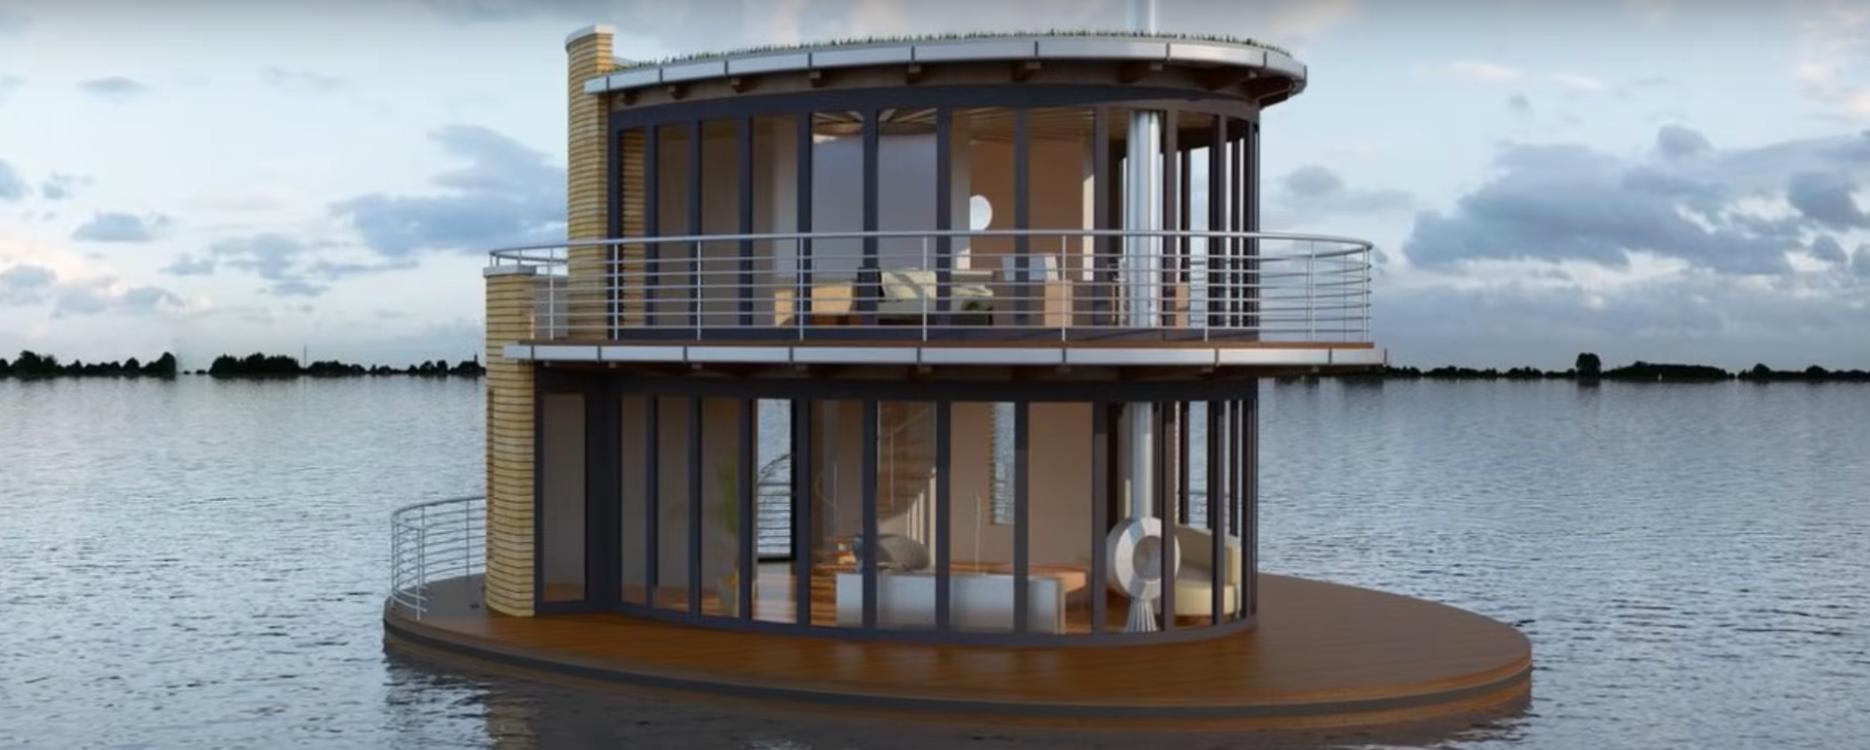 ¿Podremos vivir en una casa flotante enun futuro cercano? 2